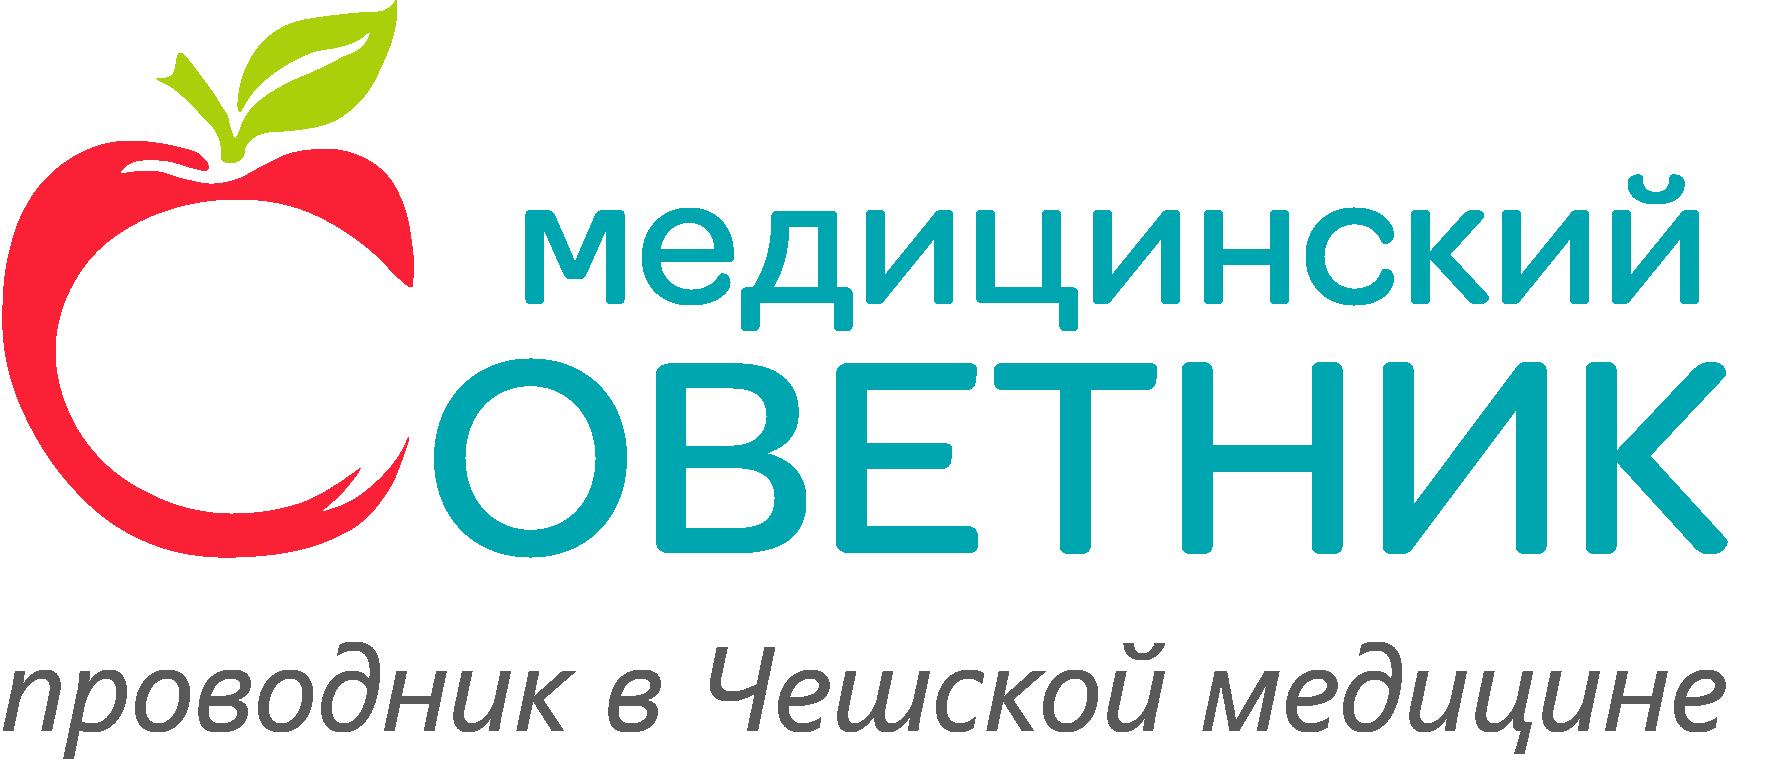 MedSovetnik